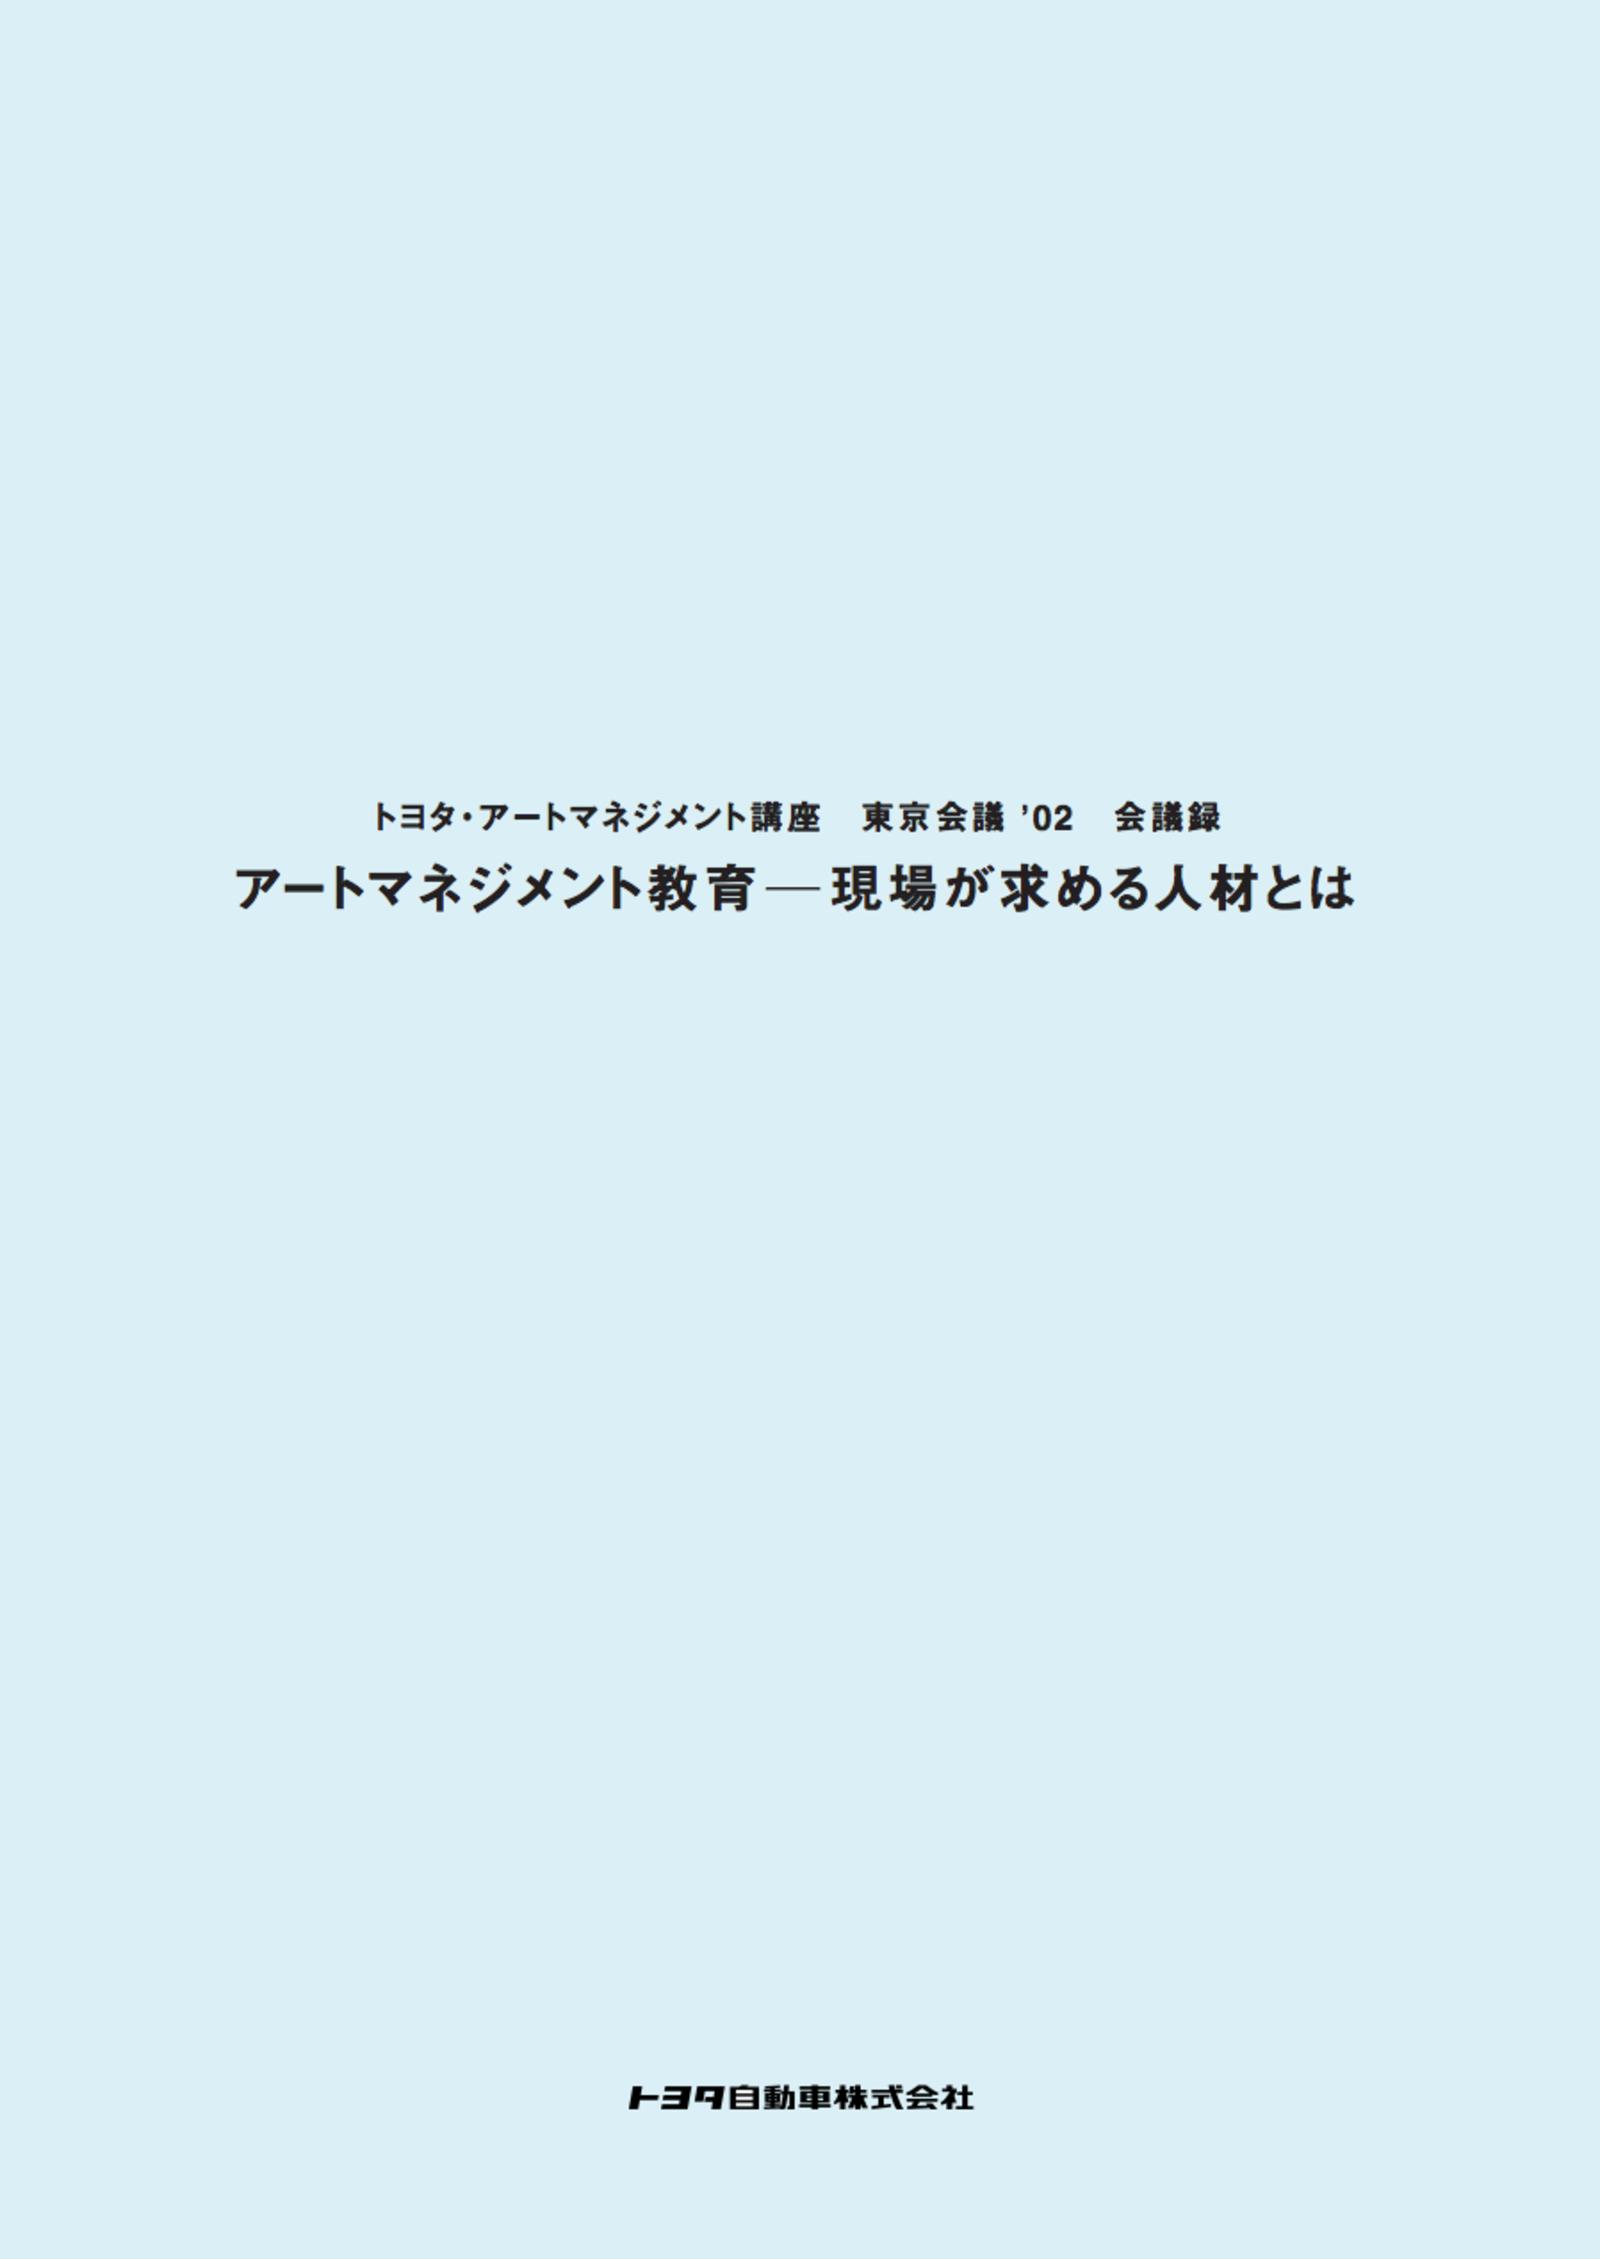 『アートマネジメント教育−現場が求める人材とは―東京会議 '02 会議録』